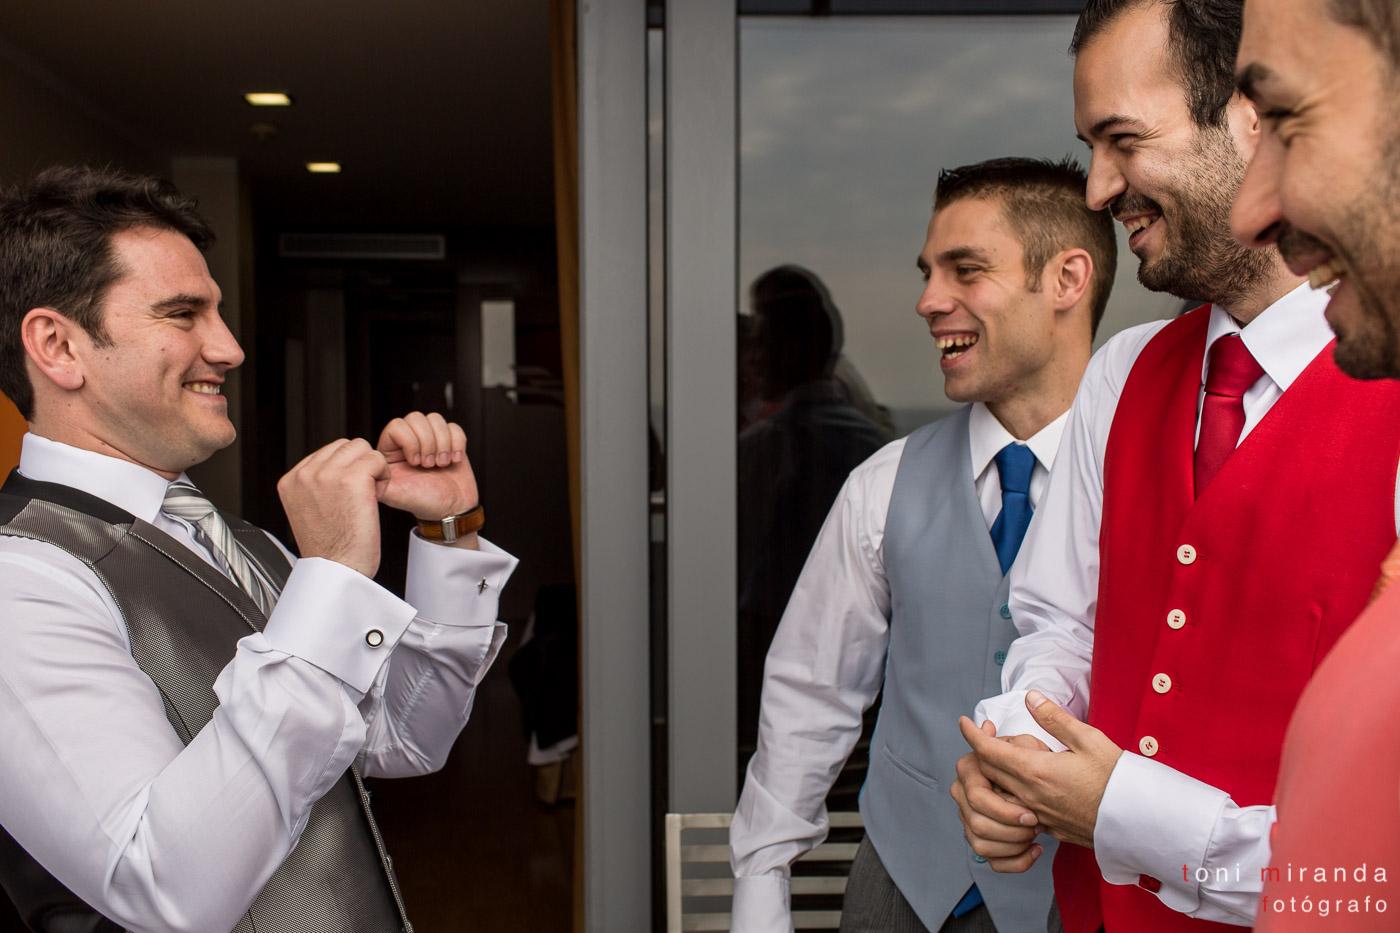 Novio acompañado de sus amigos momentos antes de su boda en hotel Solymar de Calpe.